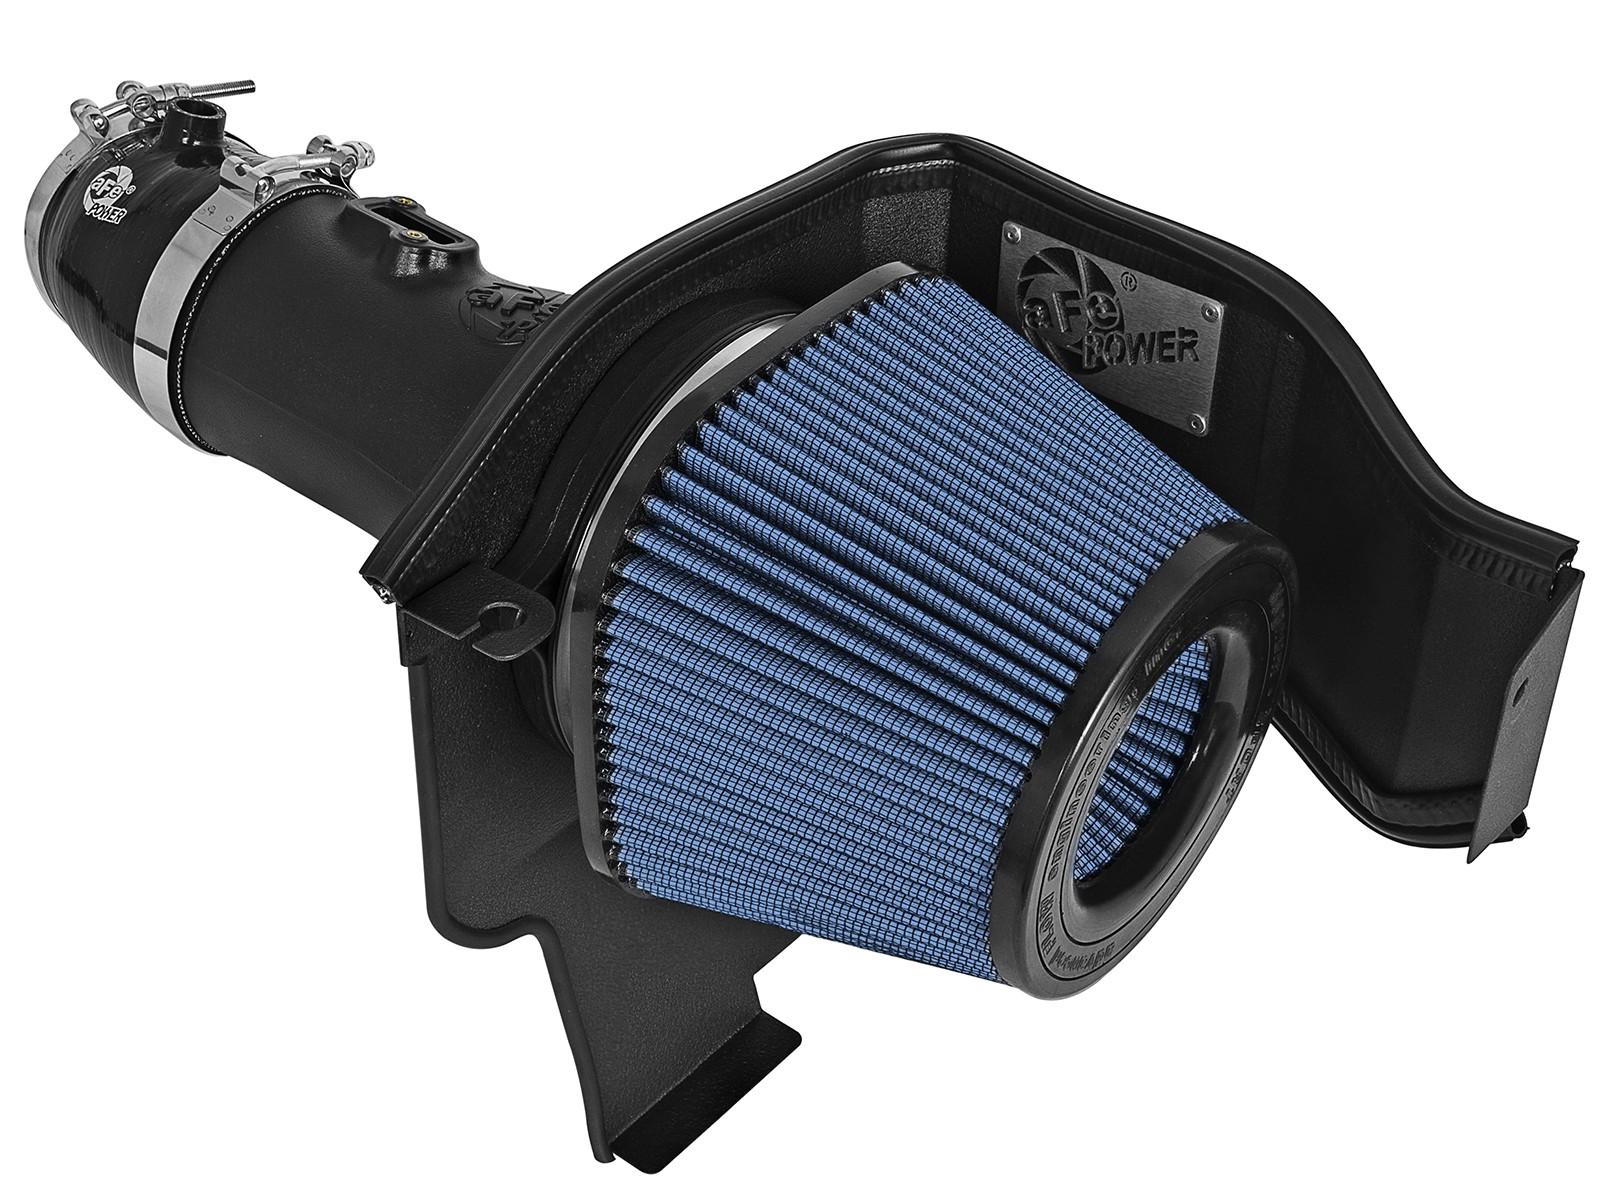 BLUE COLD AIR INTAKE KIT DRY FILTER FOR DODGE 05-10 CHARGER//MAGNUM 2.7L V6